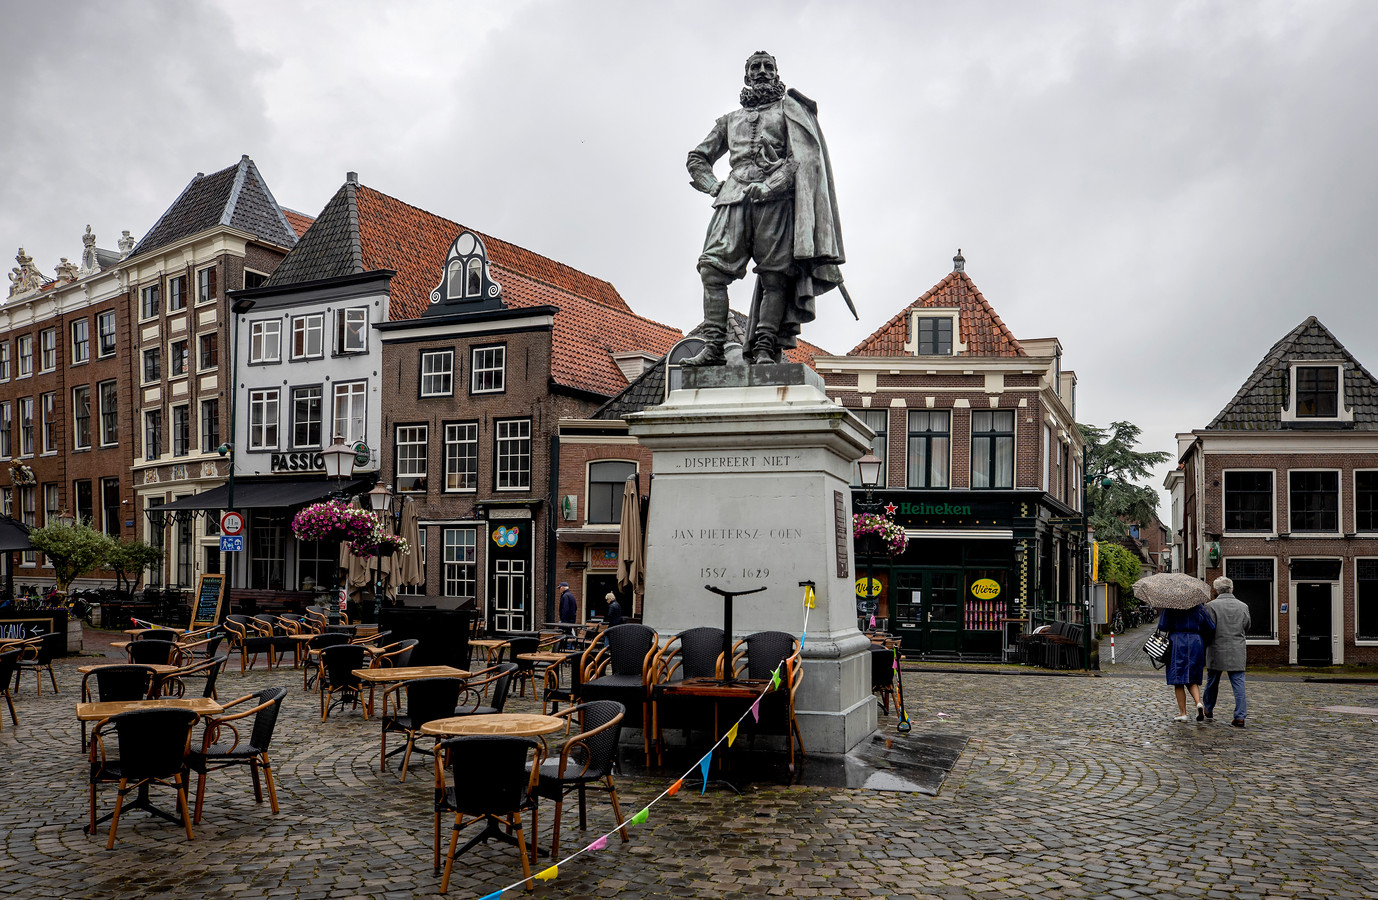 Standbeeld van Jan Pieterszoon Coen.